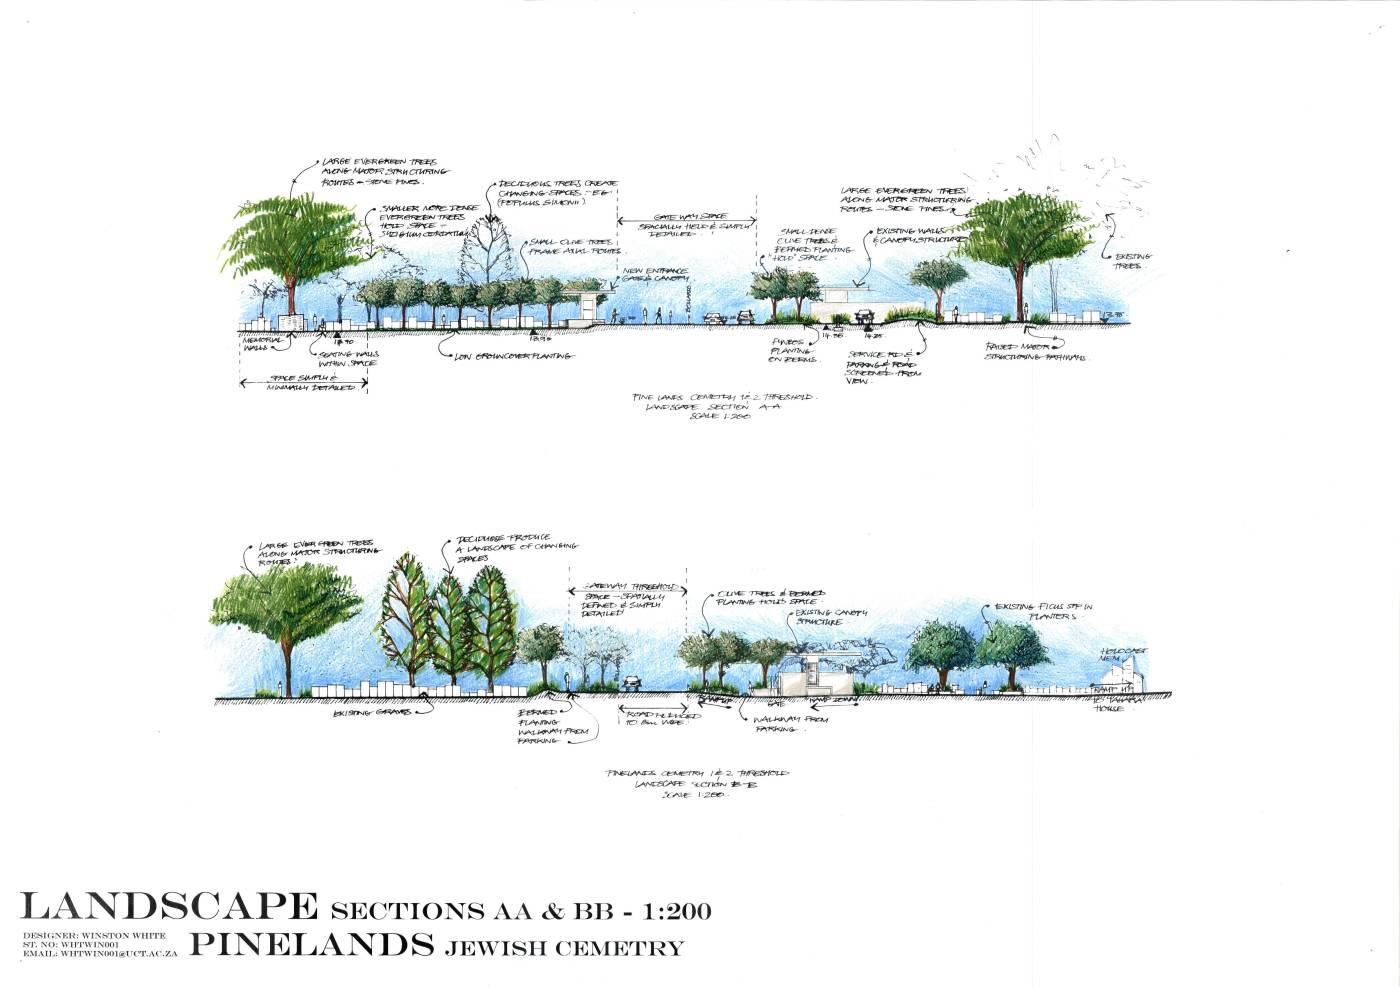 Landscape sections 01